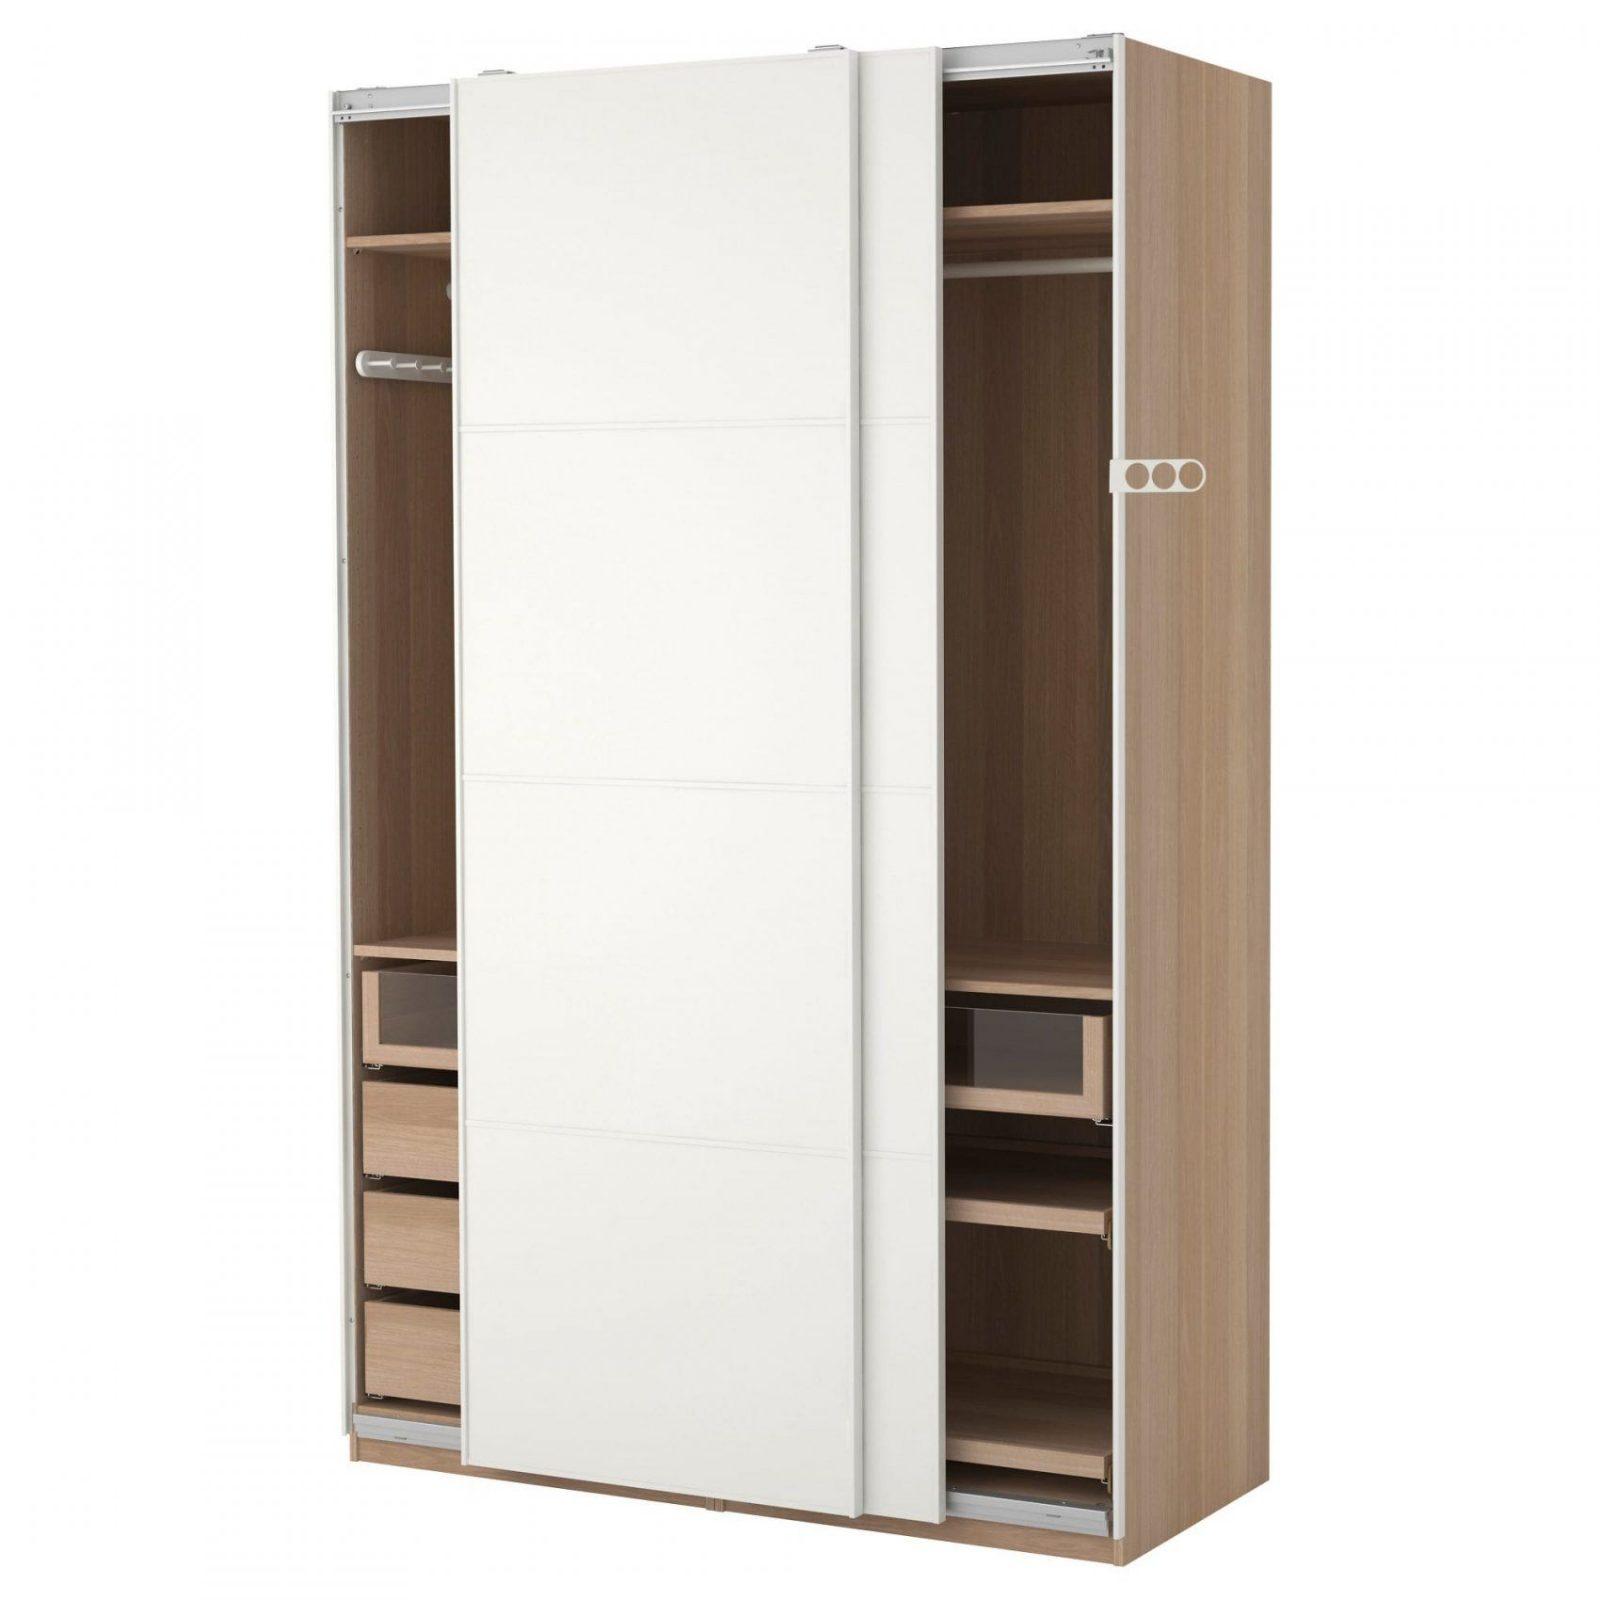 Ikea Schrank Pax Angebot Und Kleiderschrank Porta Hope Look Rebelles von Ikea Pax Schrank Angebot Photo